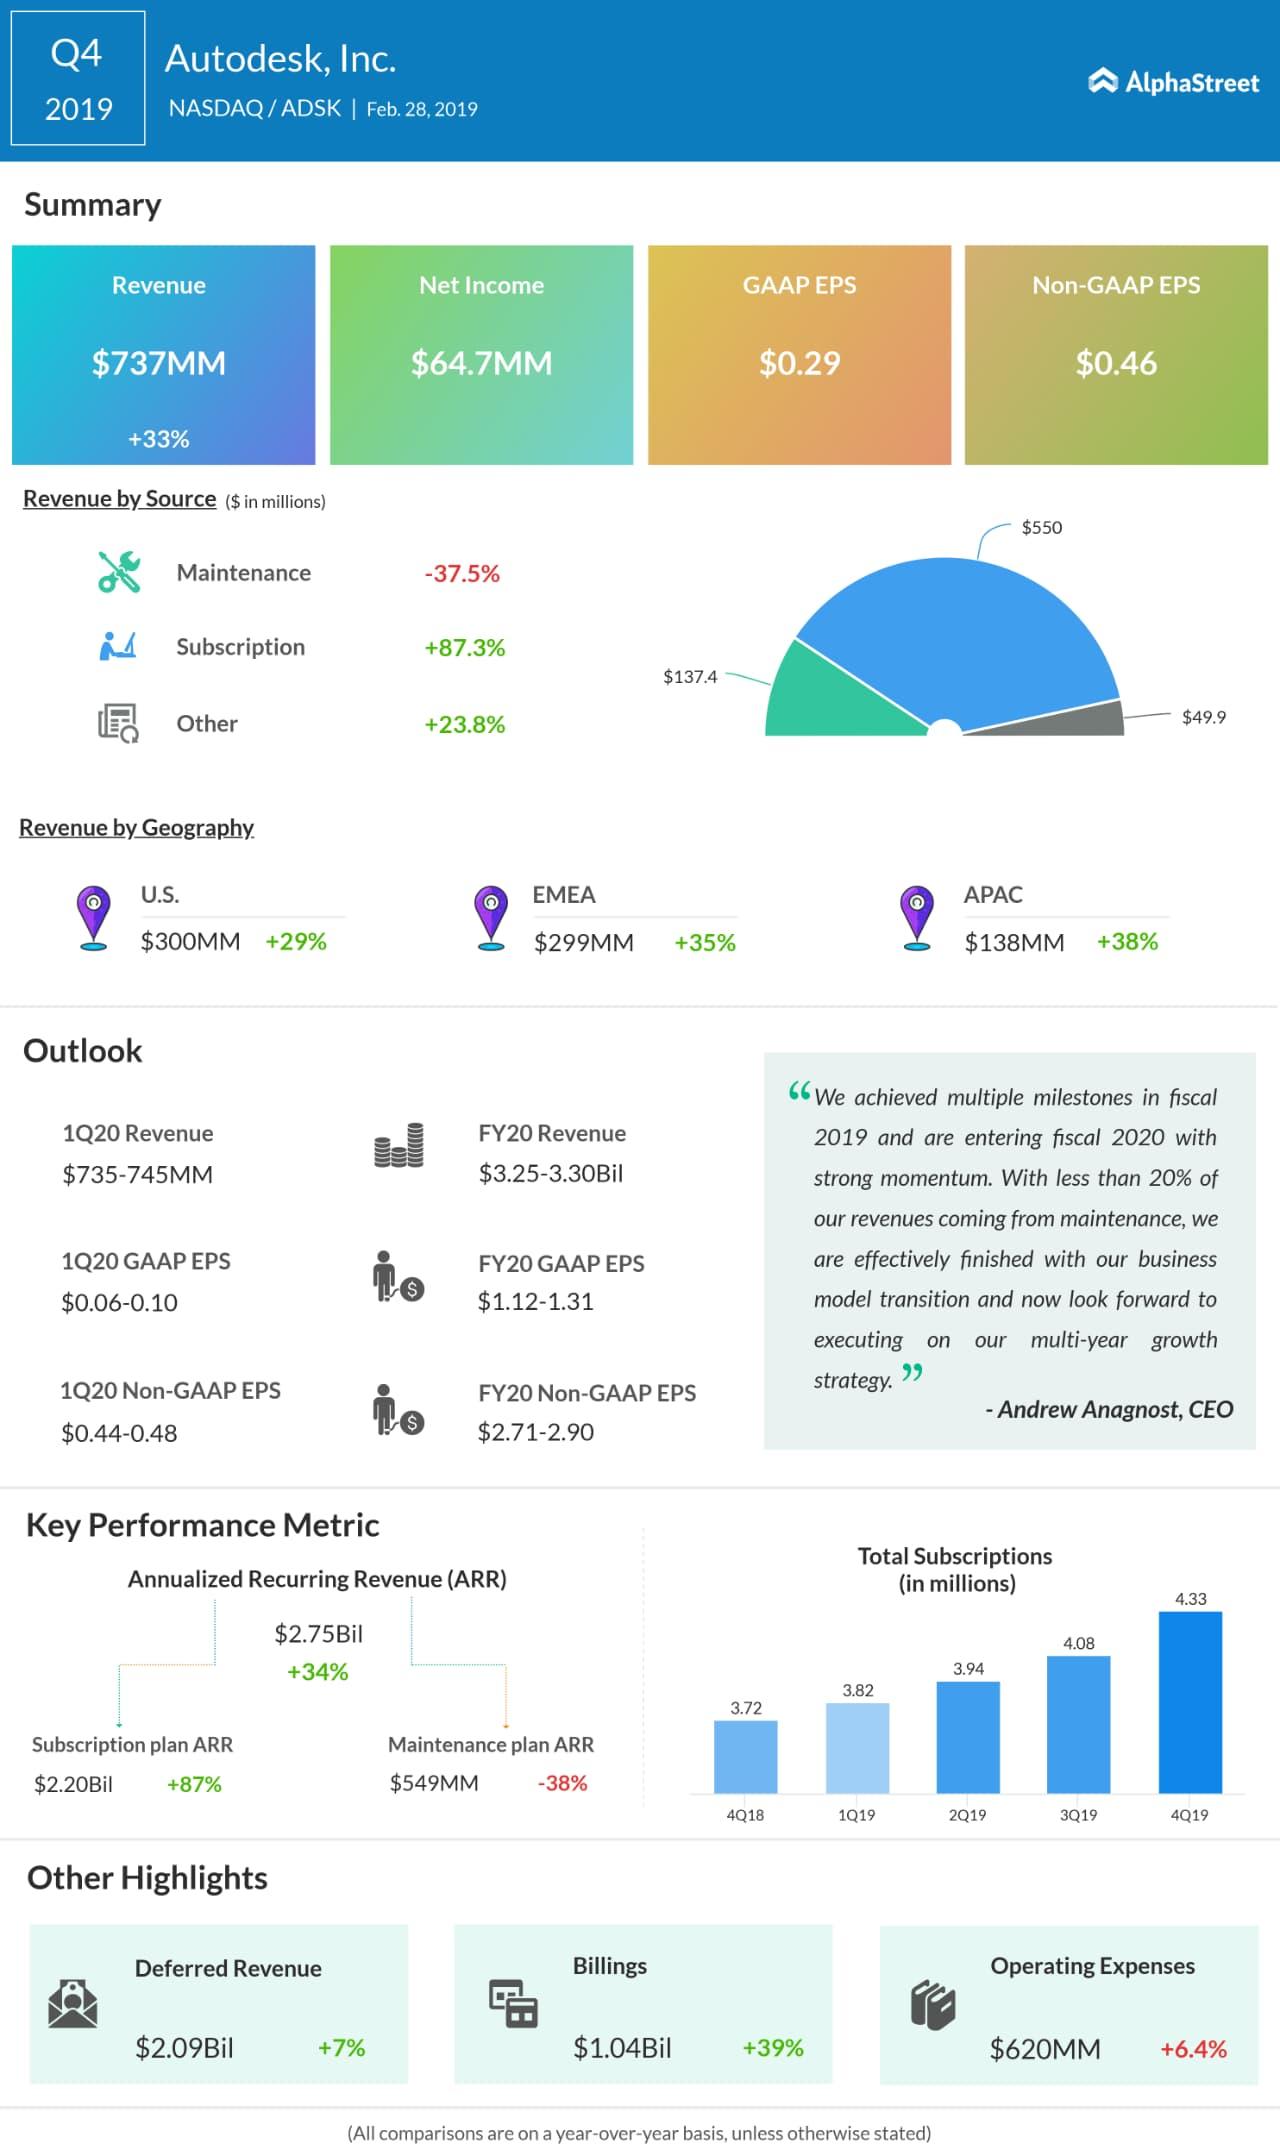 Autodesk fourth quarter 2019 earnings snapshot